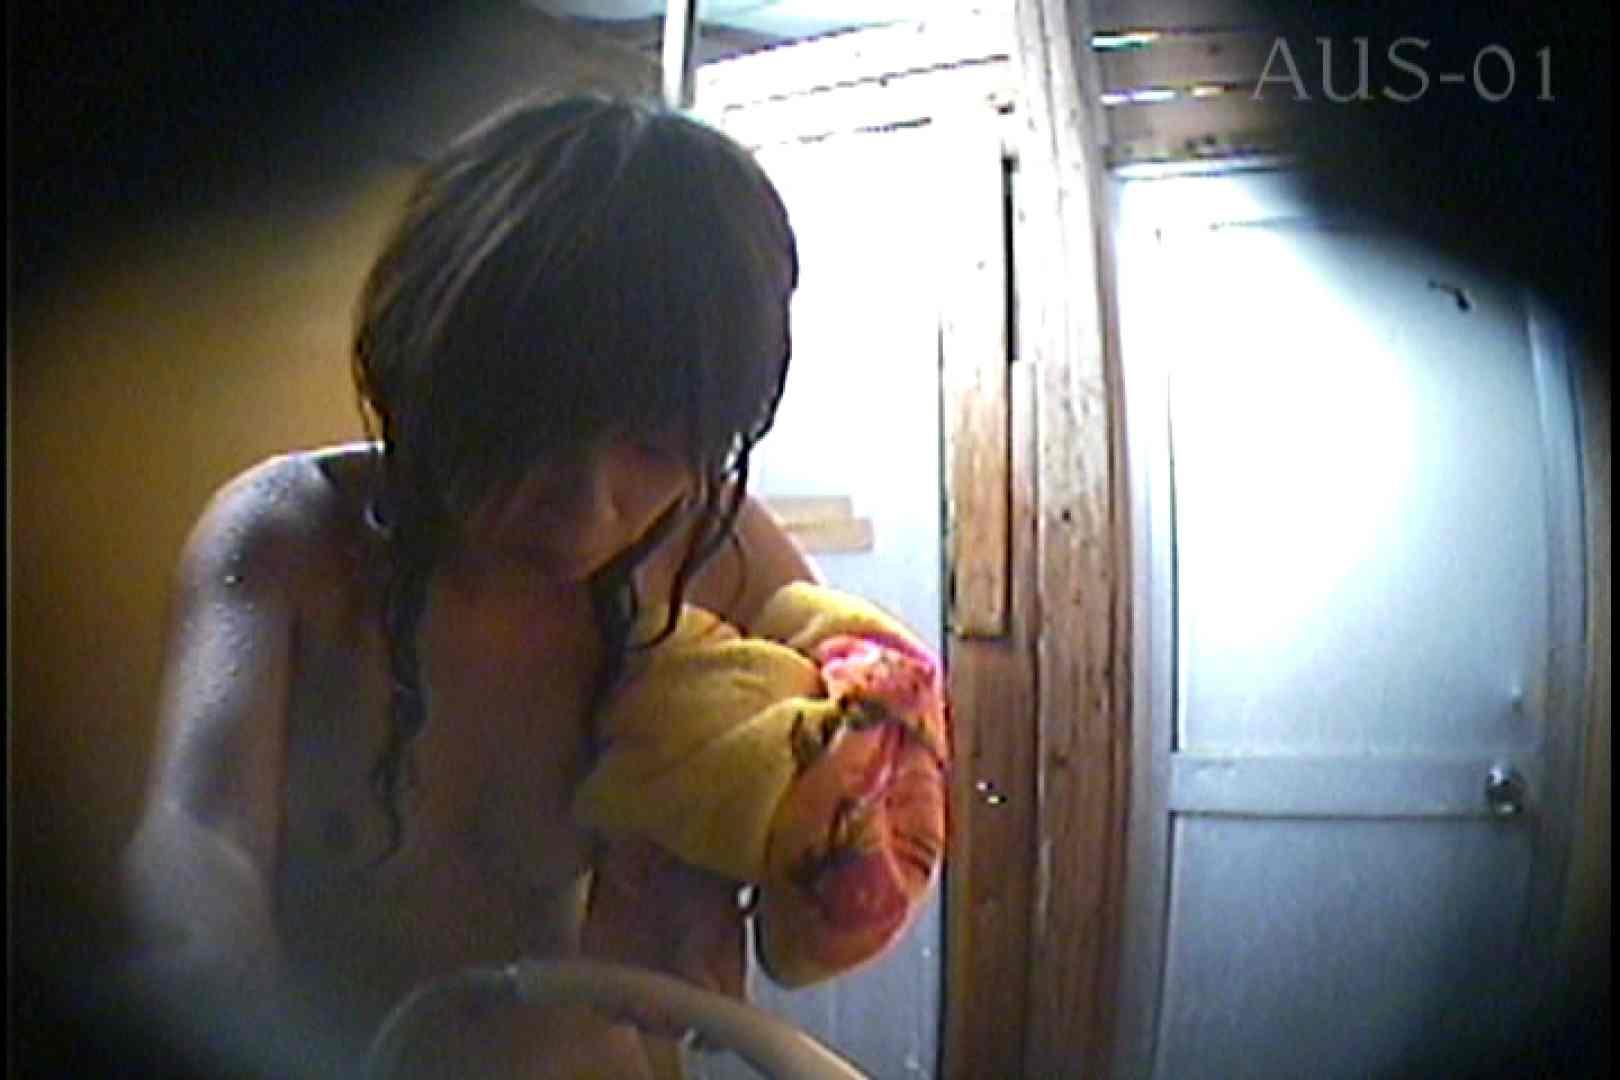 海の家の更衣室 Vol.01 美女 覗きワレメ動画紹介 35pic 23